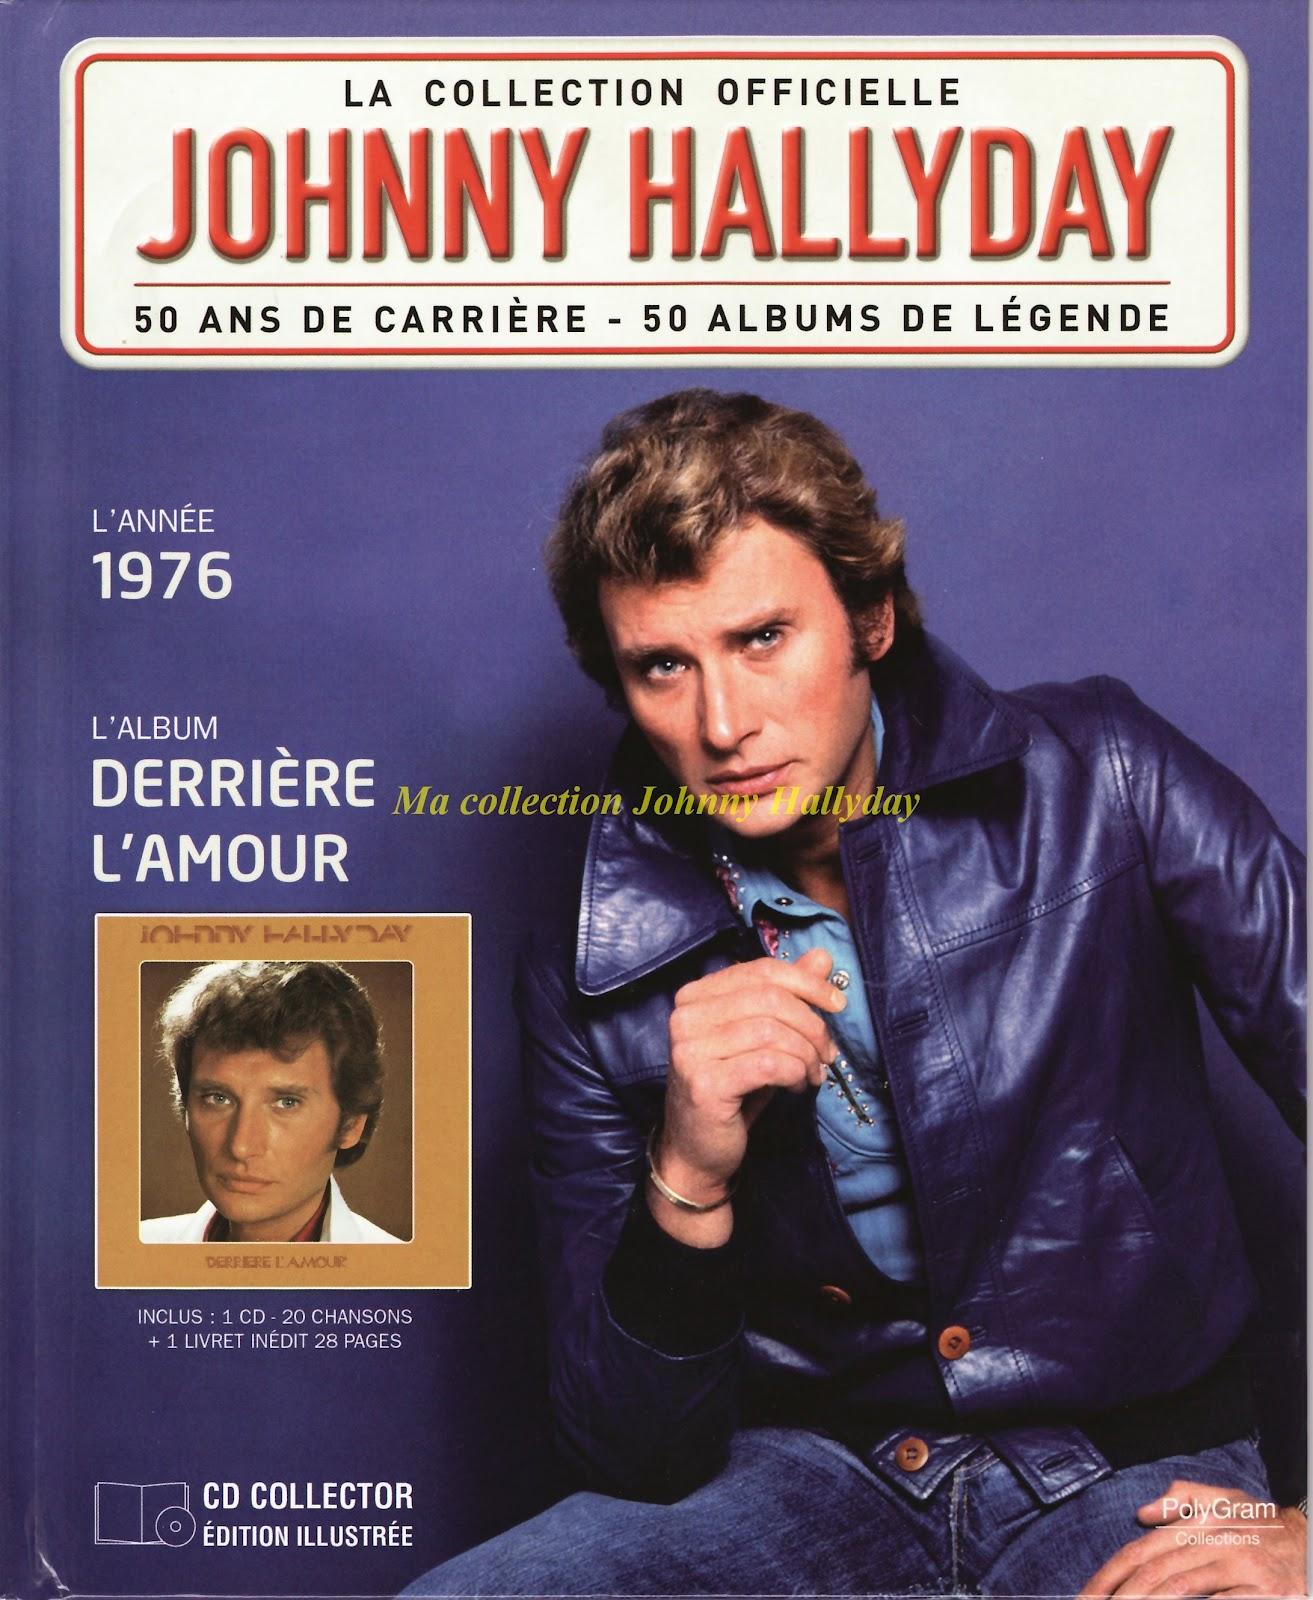 johnny hallyday cd trouvez le meilleur prix sur voir avant d 39 acheter. Black Bedroom Furniture Sets. Home Design Ideas